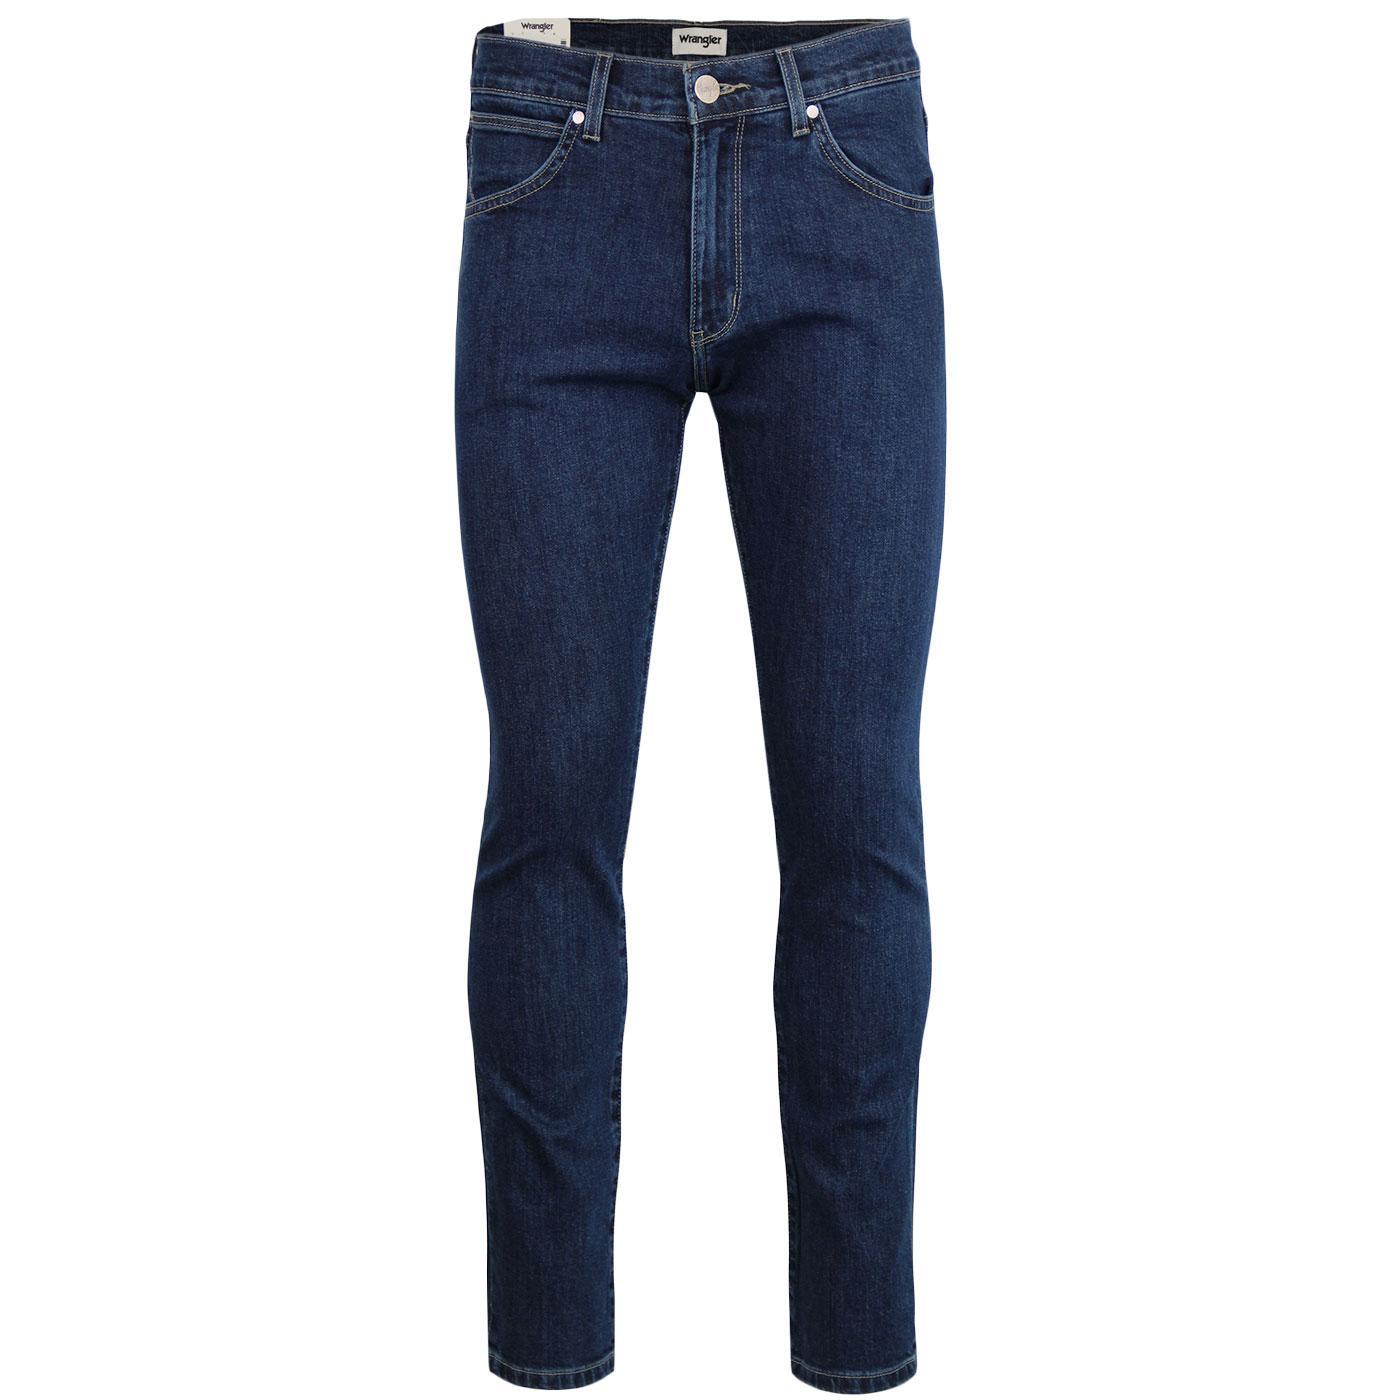 Larston WRANGLER Retro Slim Taper Jeans DARKSTONE